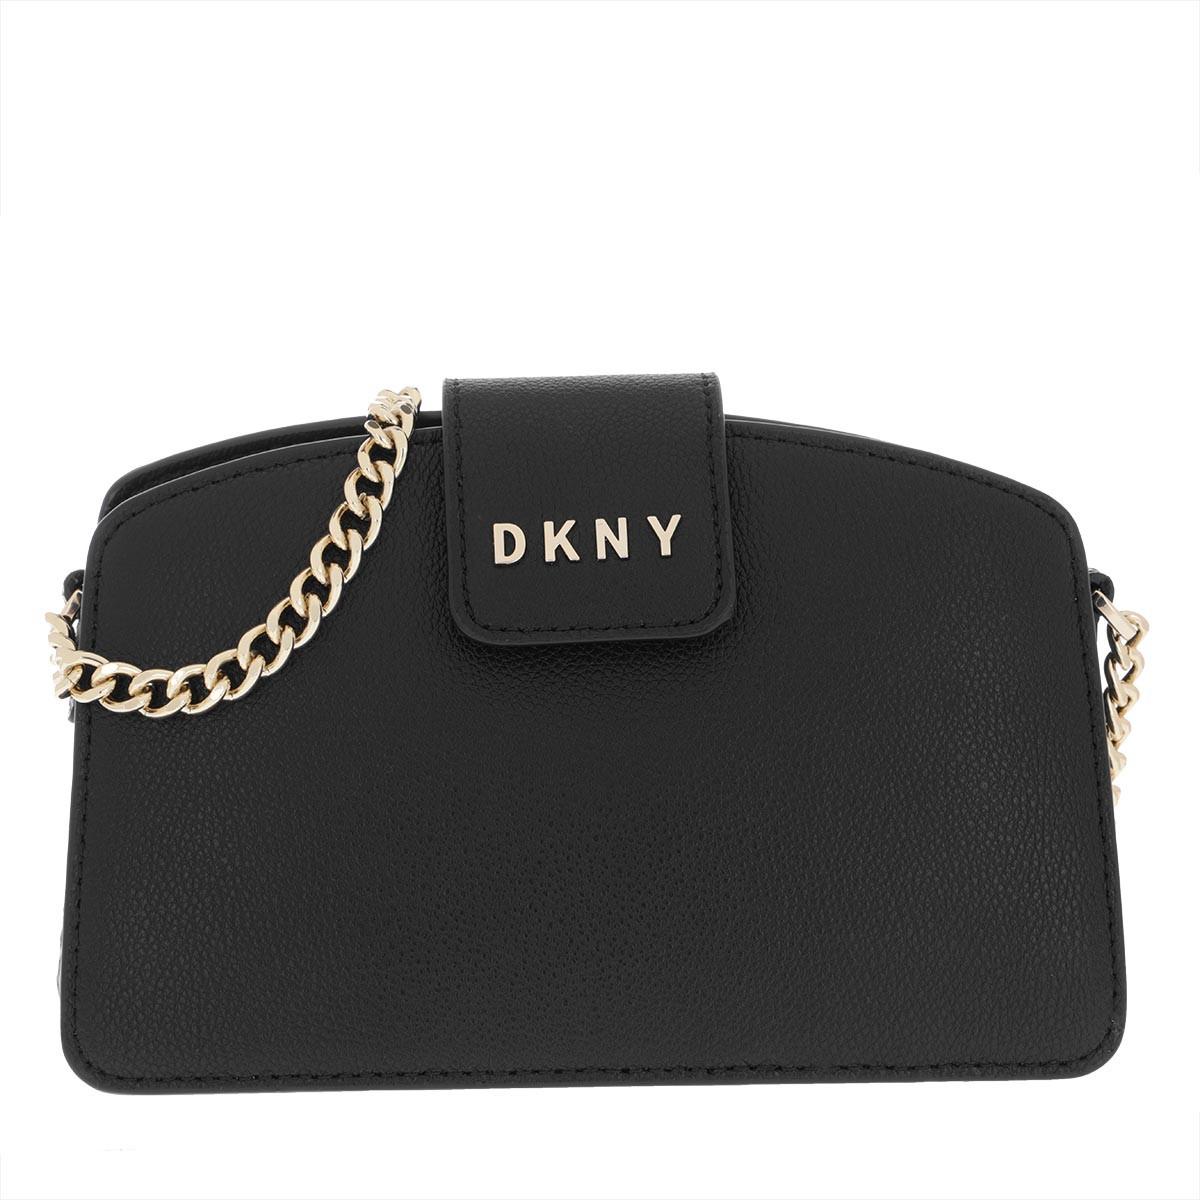 DKNY Umhängetasche - Clara Chain Crossbody Bag Black/Gold - in schwarz - für Damen